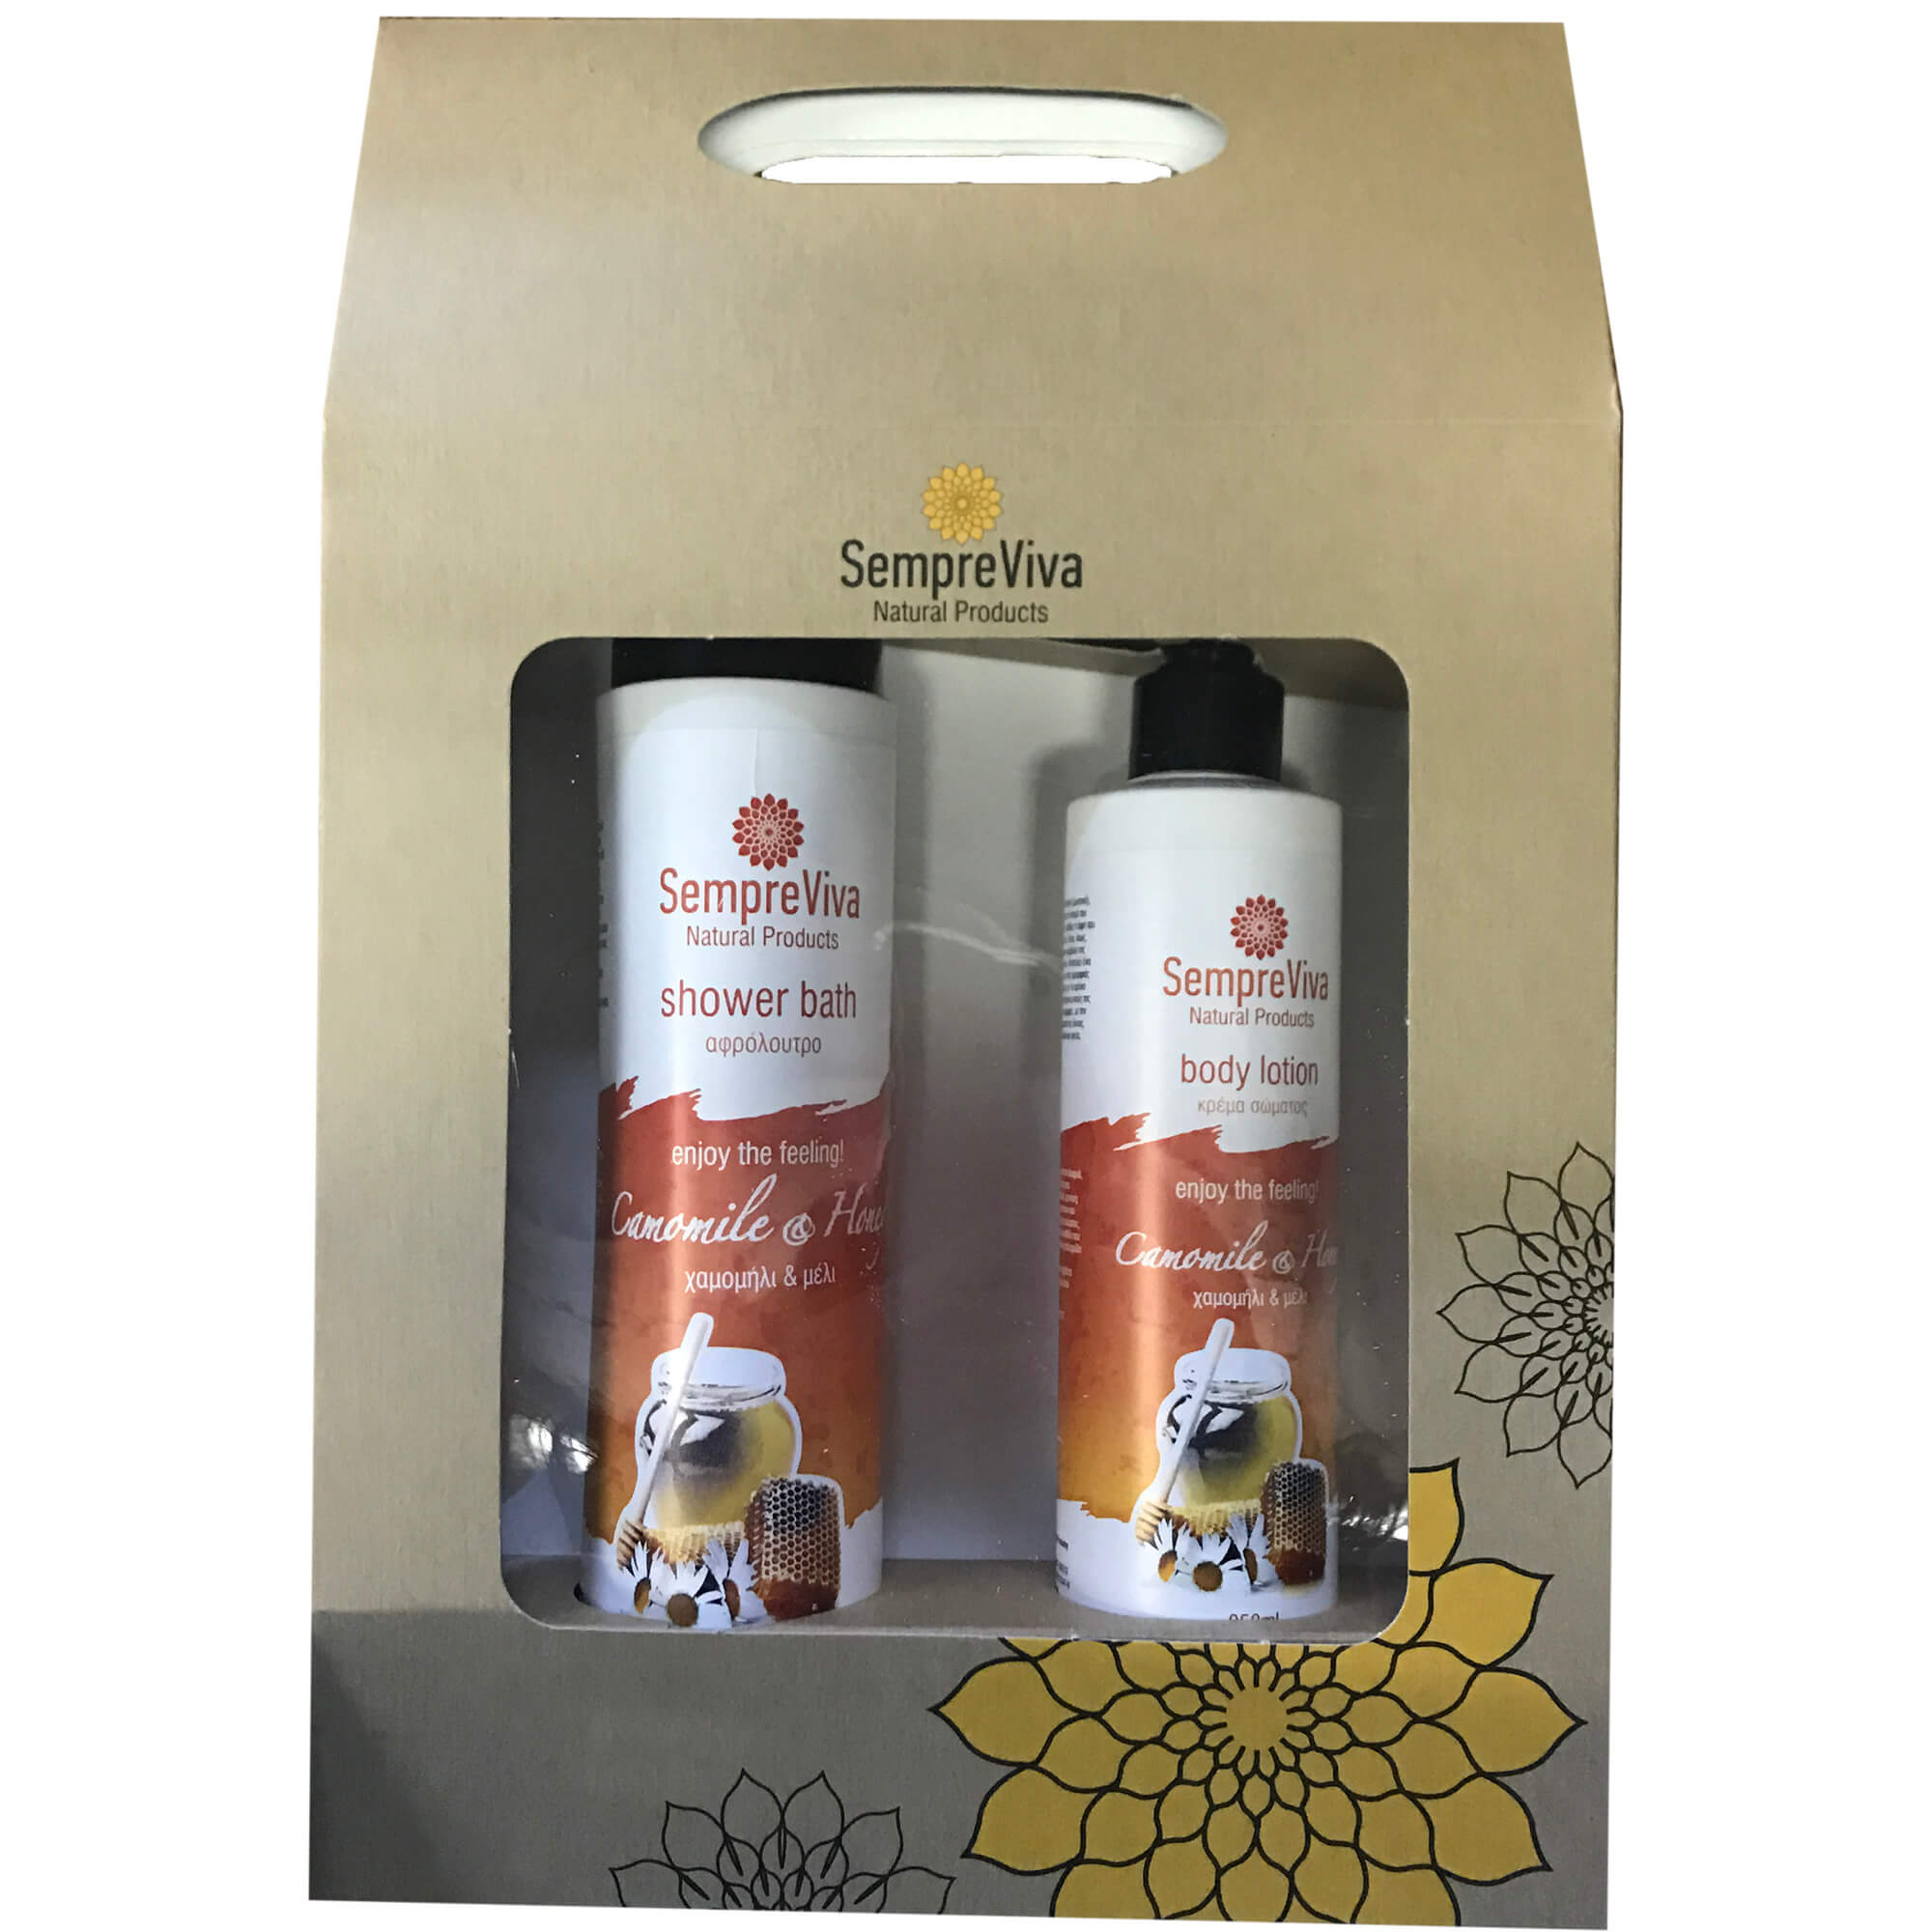 SempreViva Πακέτο Προσφοράς Περιποίησης Σώματος Chamomile & Honey Χαμομήλι & ΜέλιΑφρόλουτρο 400ml & Body Lotion 250ml